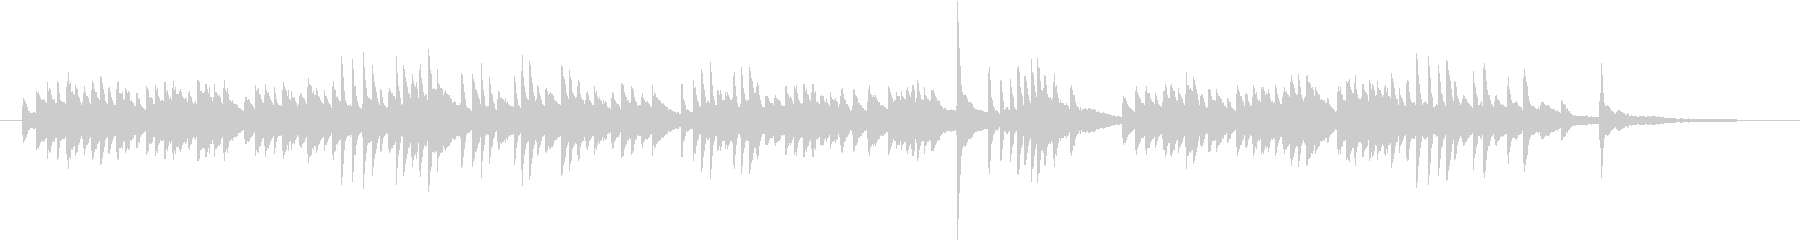 【ピアノソロ】迷い・悲しみ・不安の未再生の波形